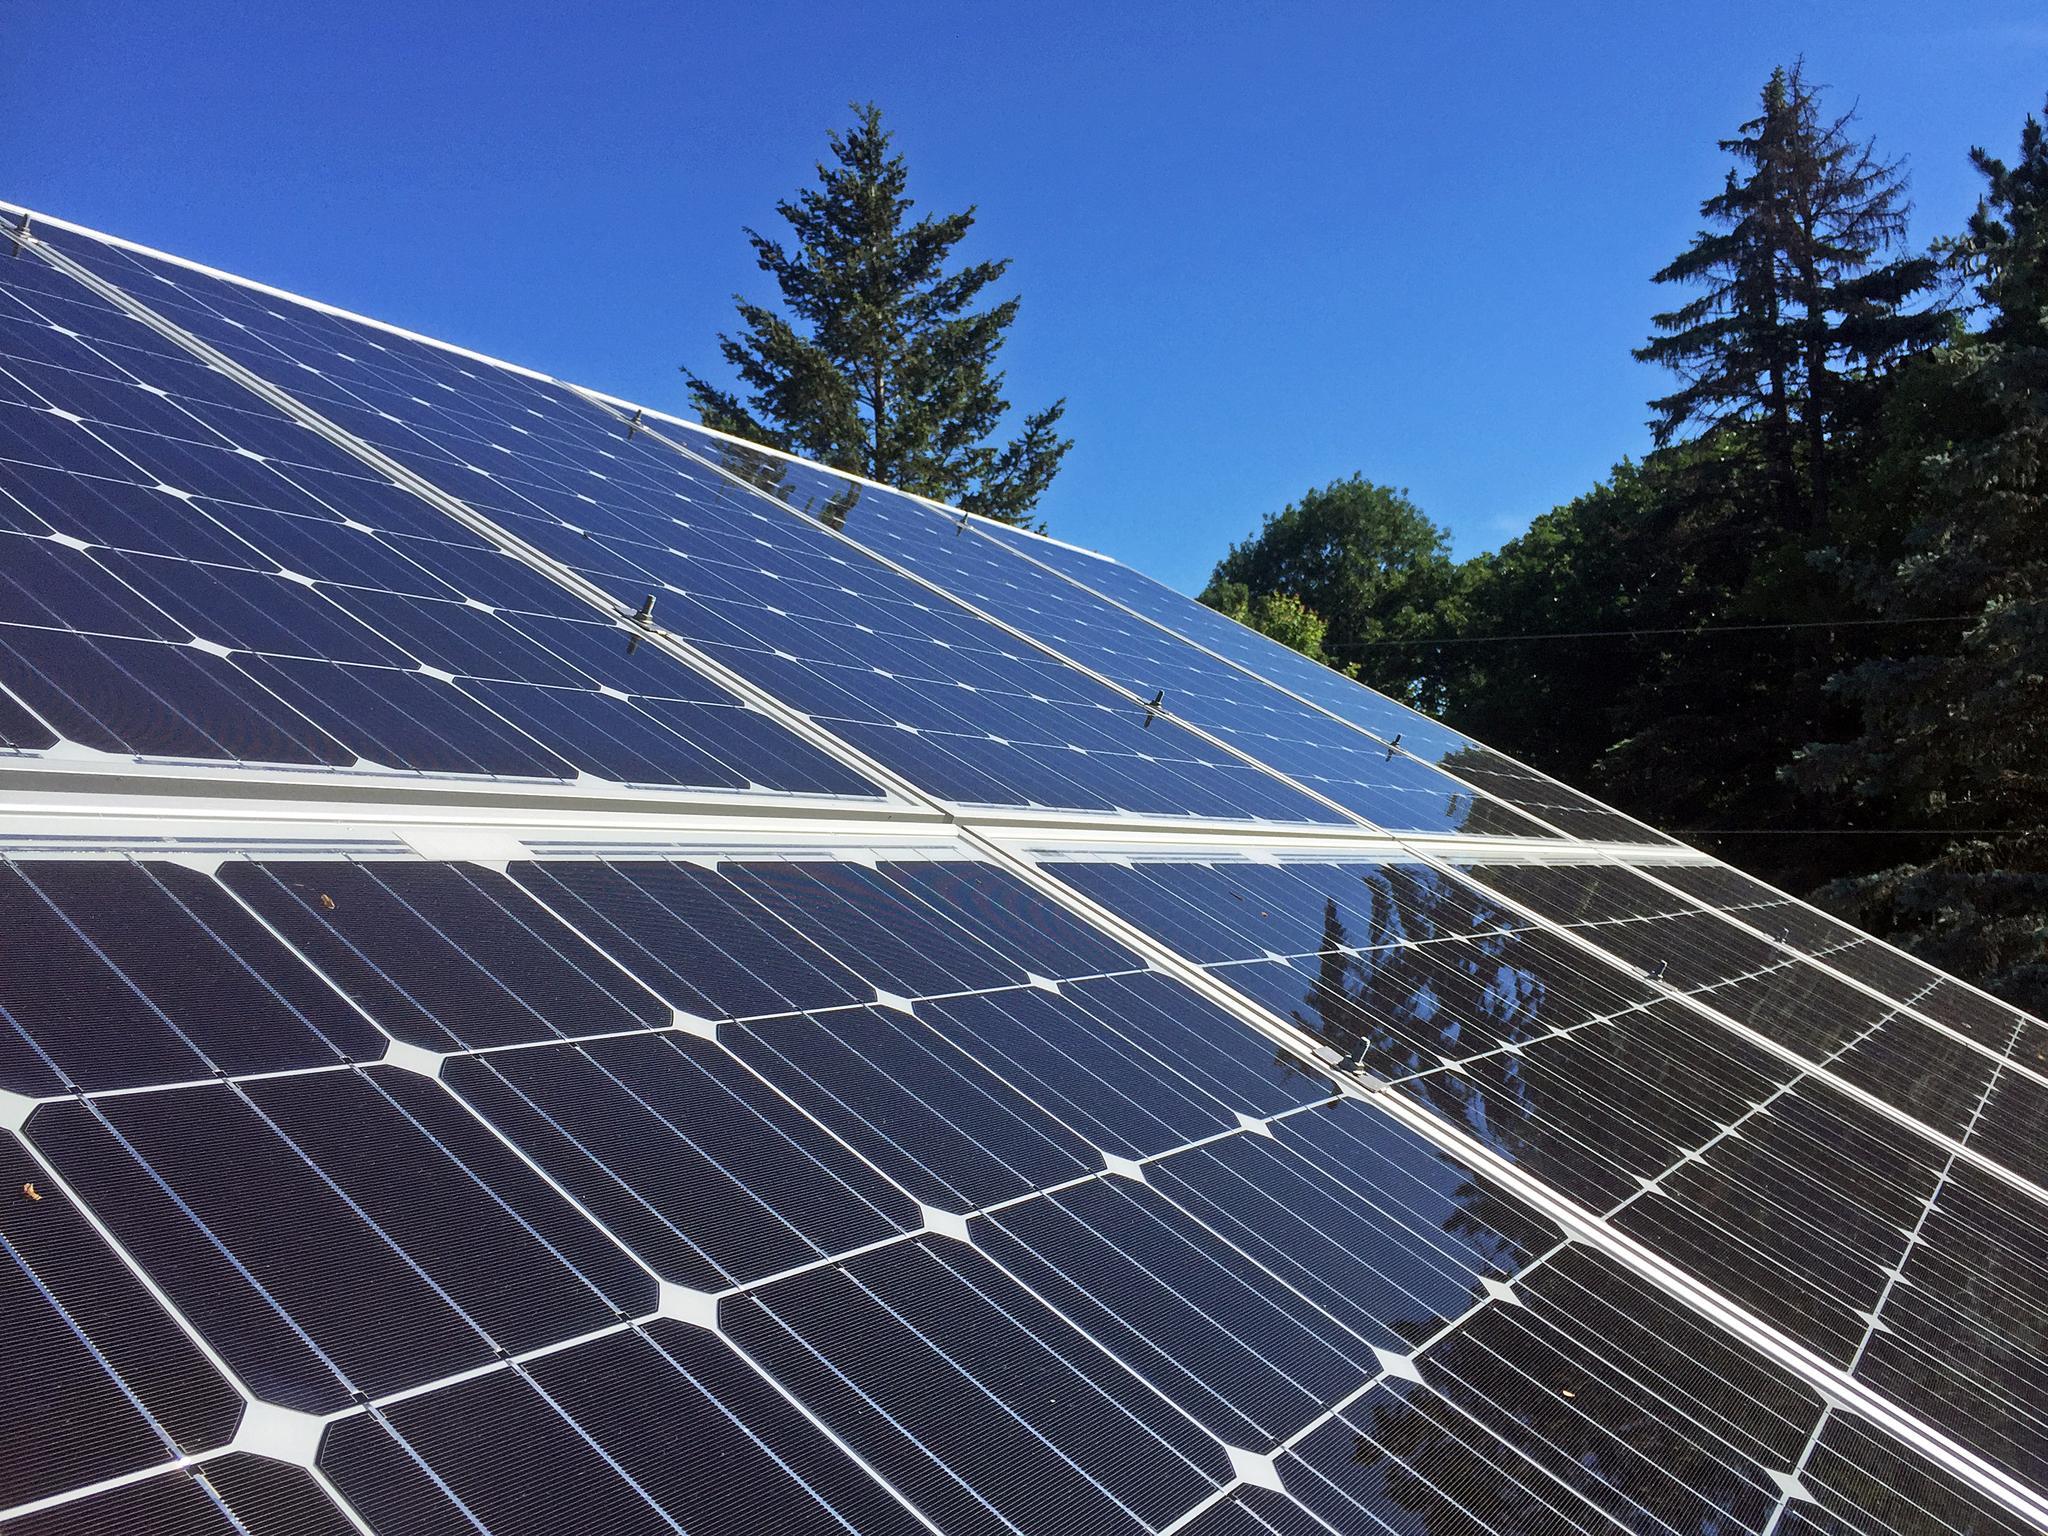 9 9 Kw Solar Pv Array In Wayzata Mn Energysage